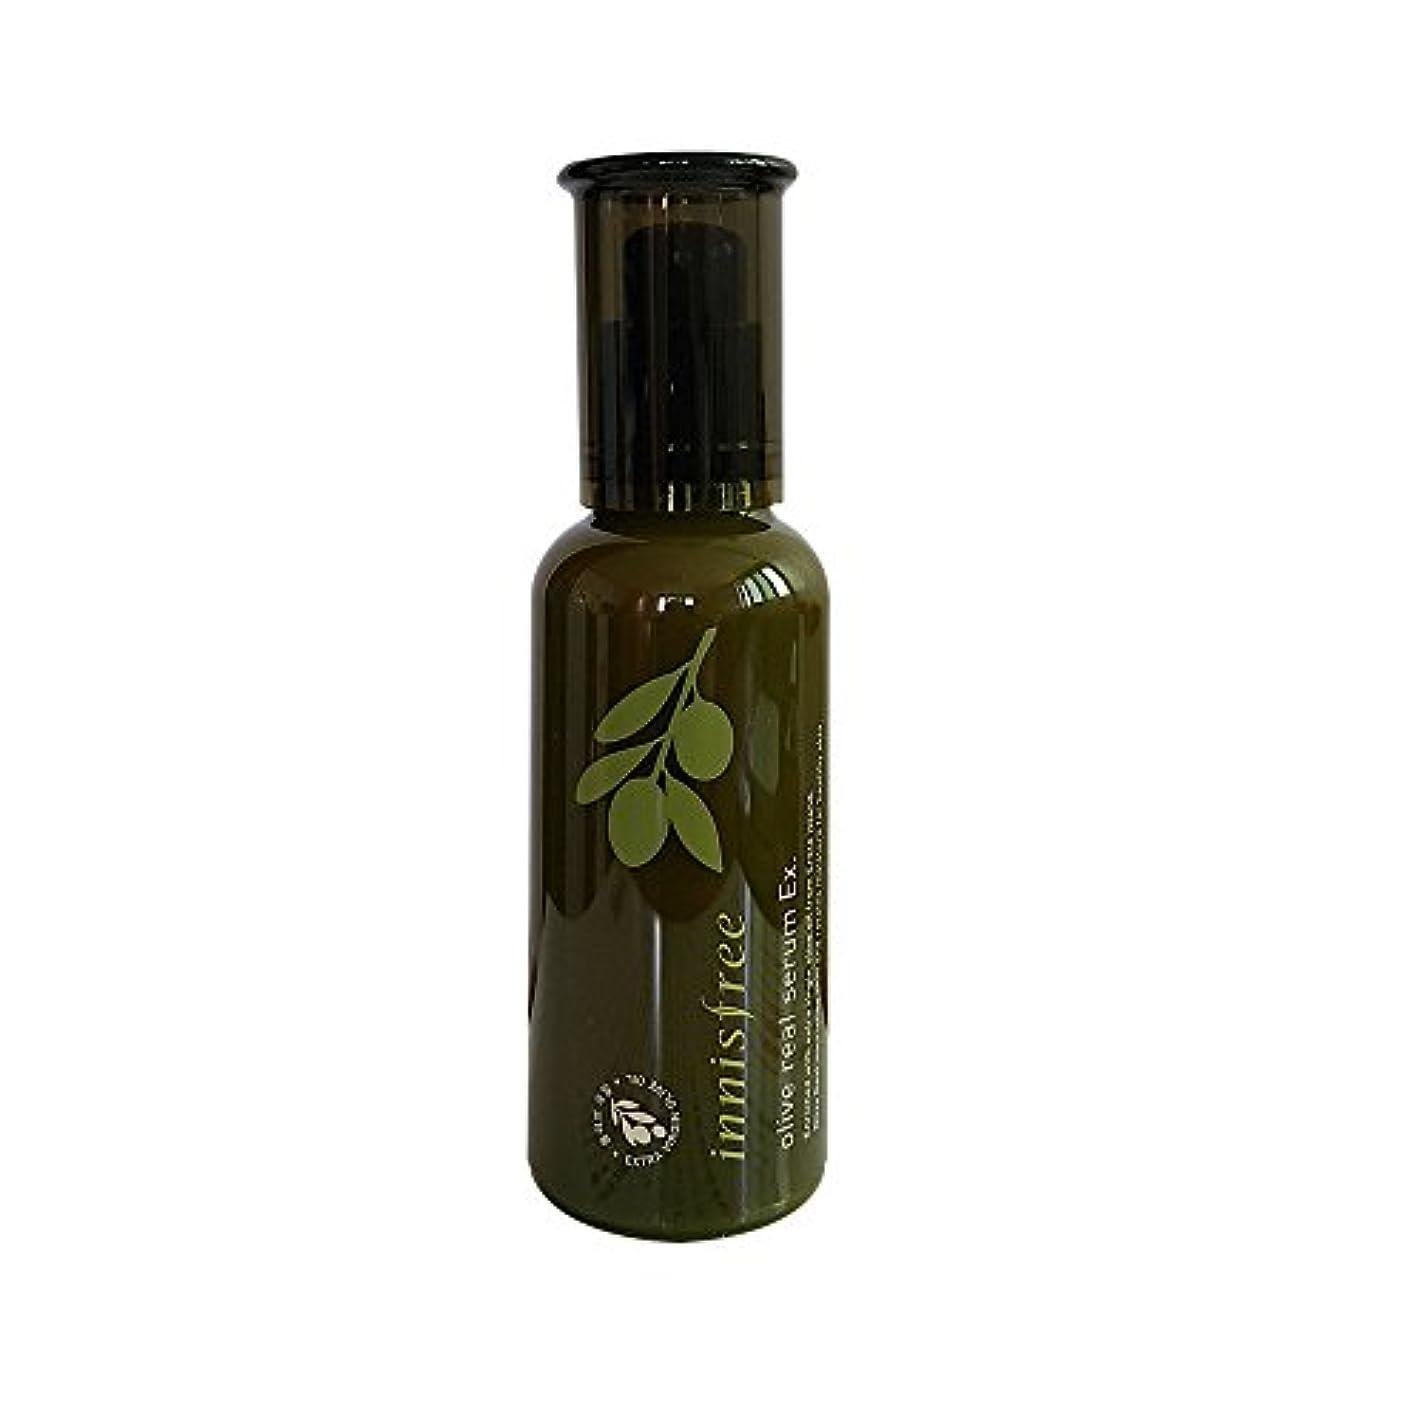 反対する宝不均一イニスフリー Innisfree オリーブリアルセラム(50ml) Innisfree Olive Real Serum(50ml) [海外直送品]